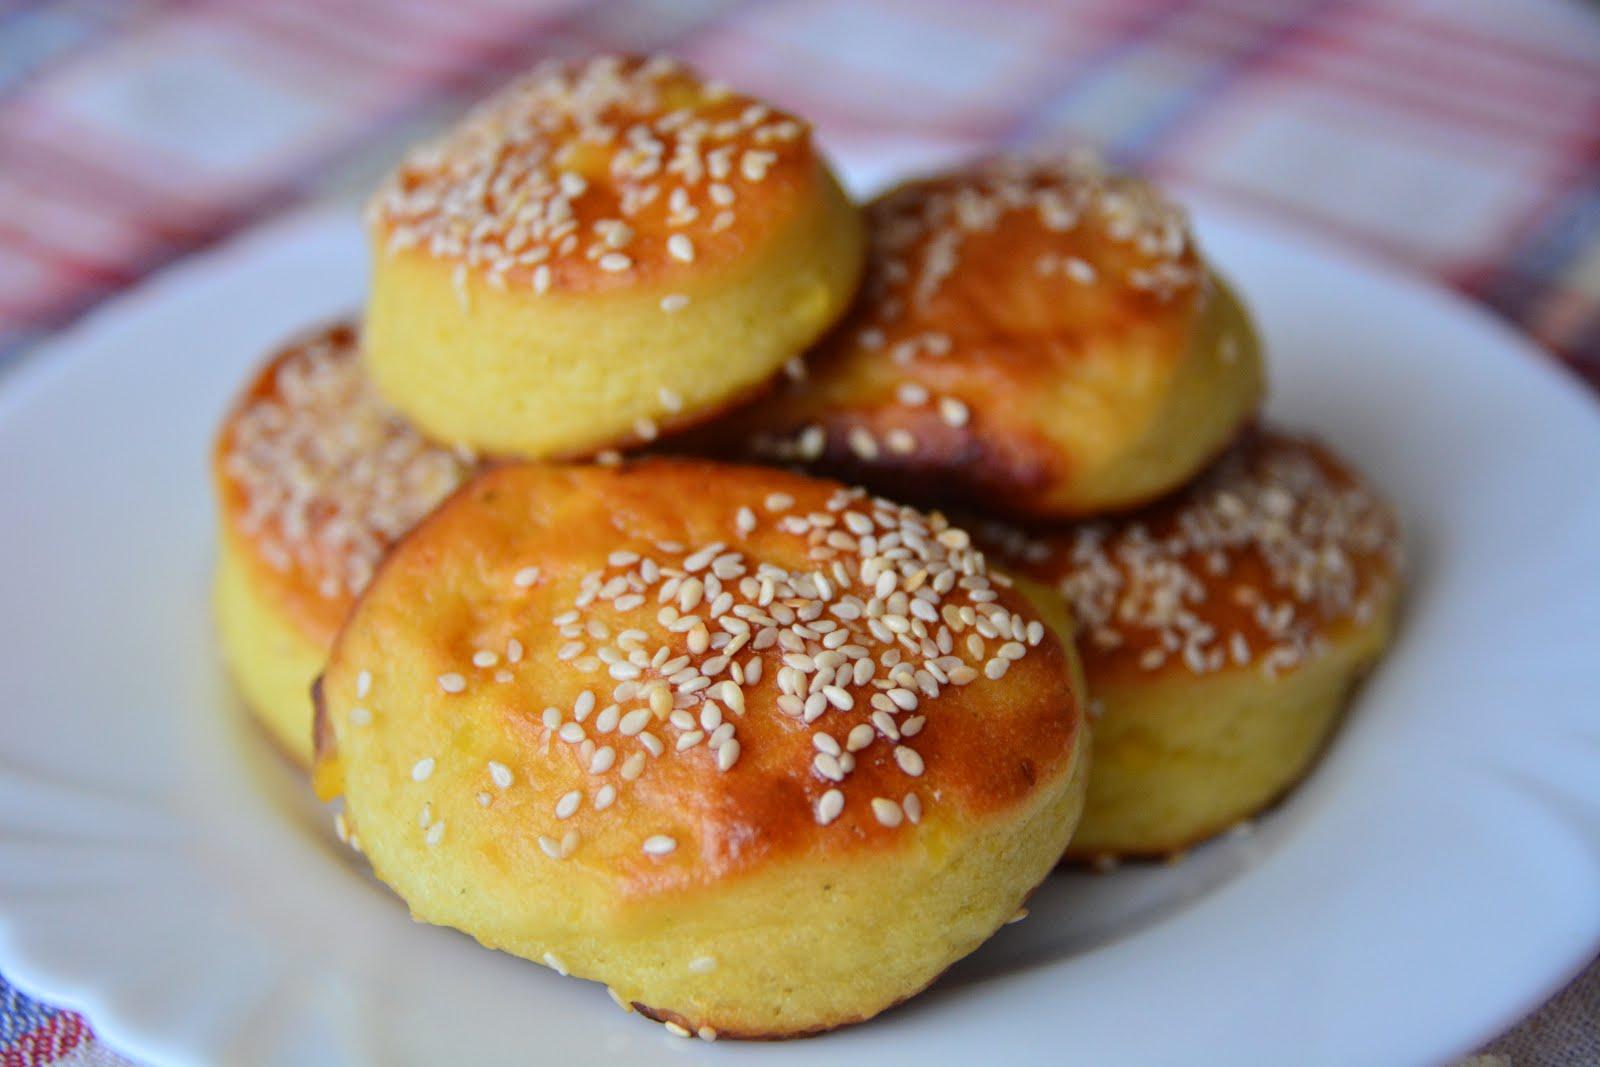 macedonian desserts - photo #22